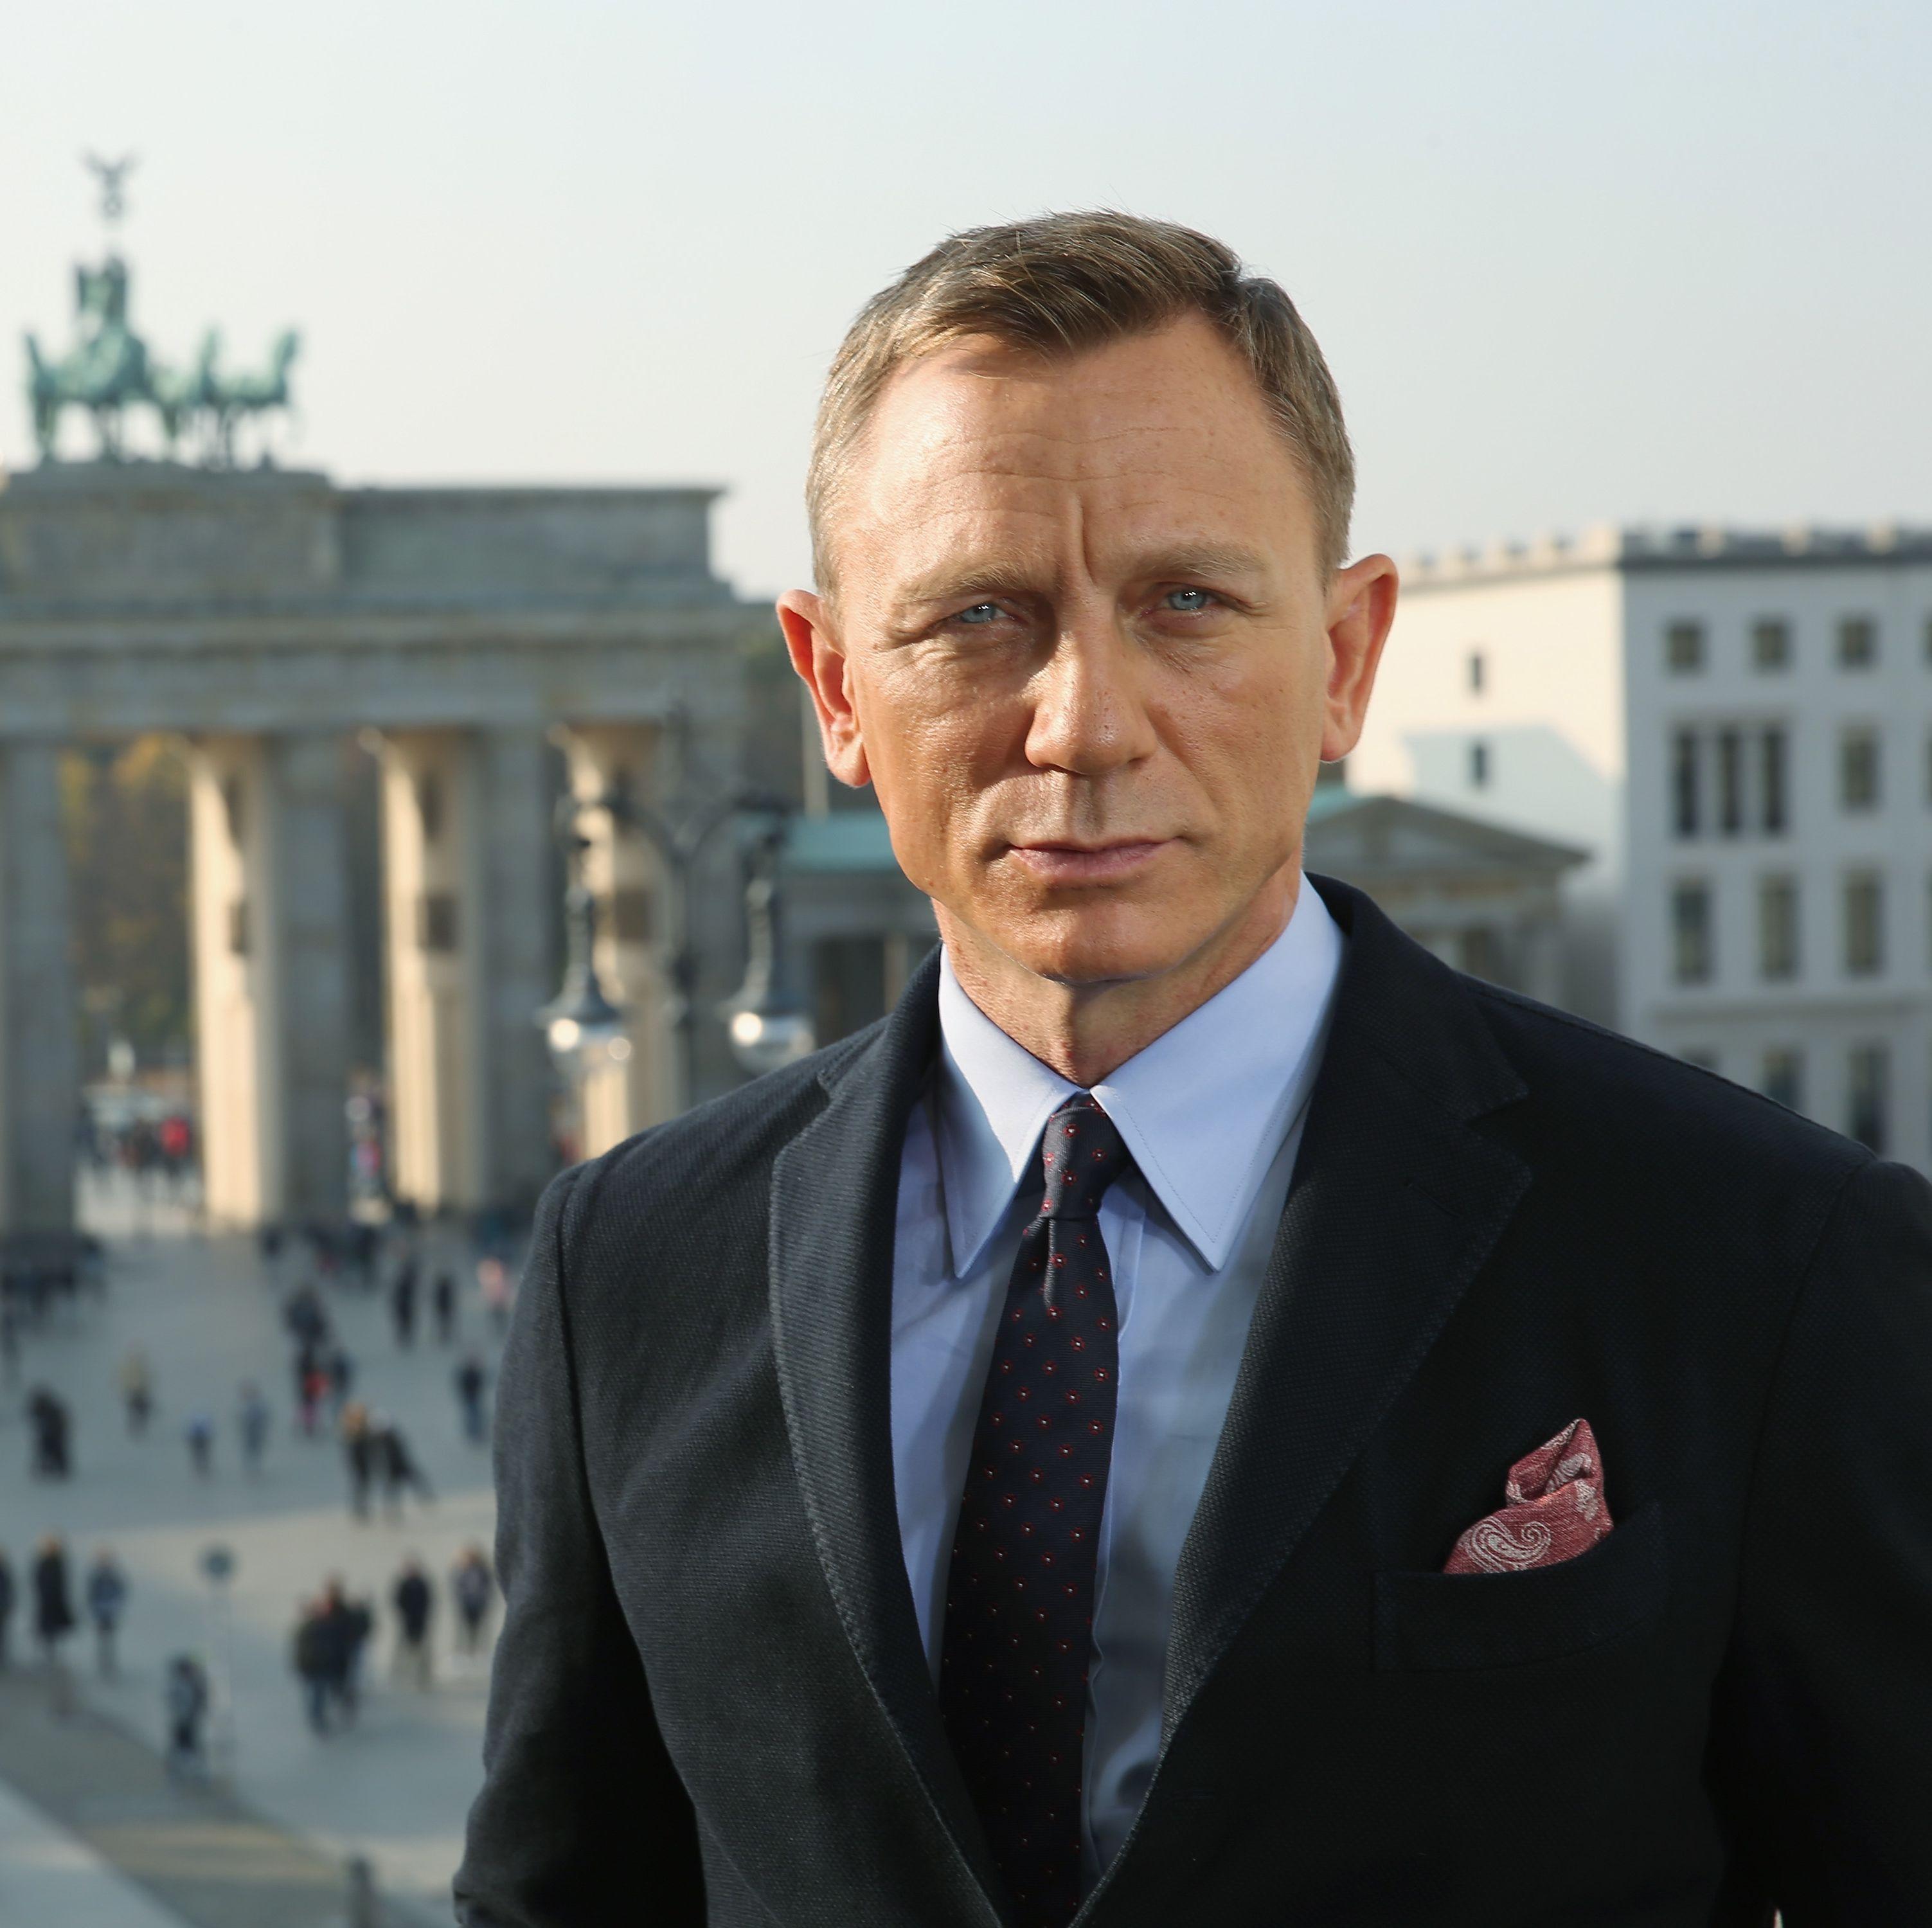 007」最新作の撮影中に負傷した...